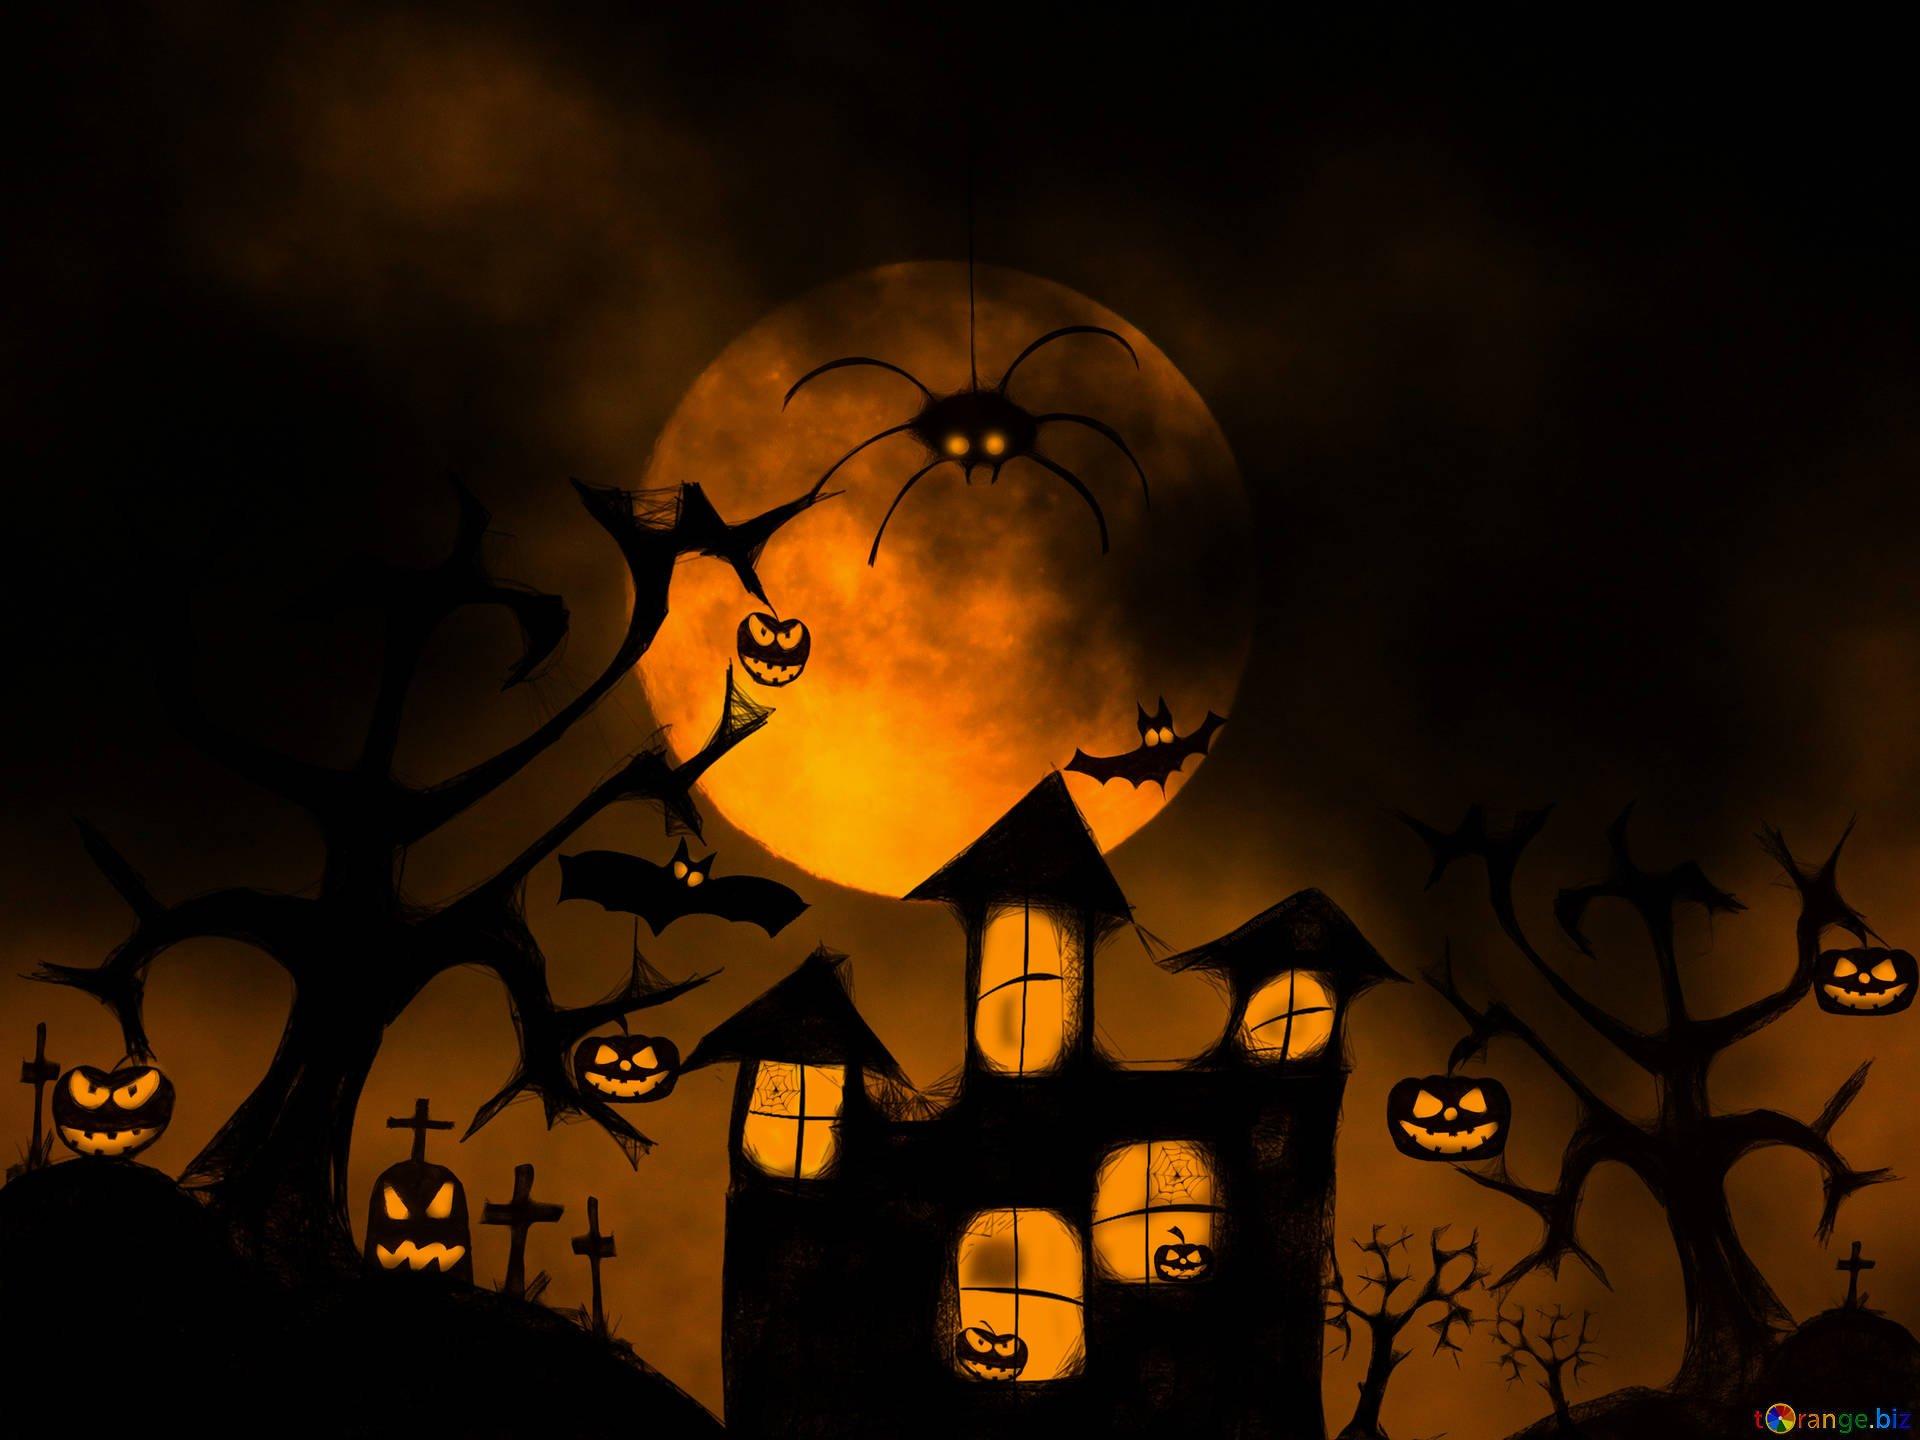 Halloween backgrounds halloween wallpaper for desktop halloween 1920x1440